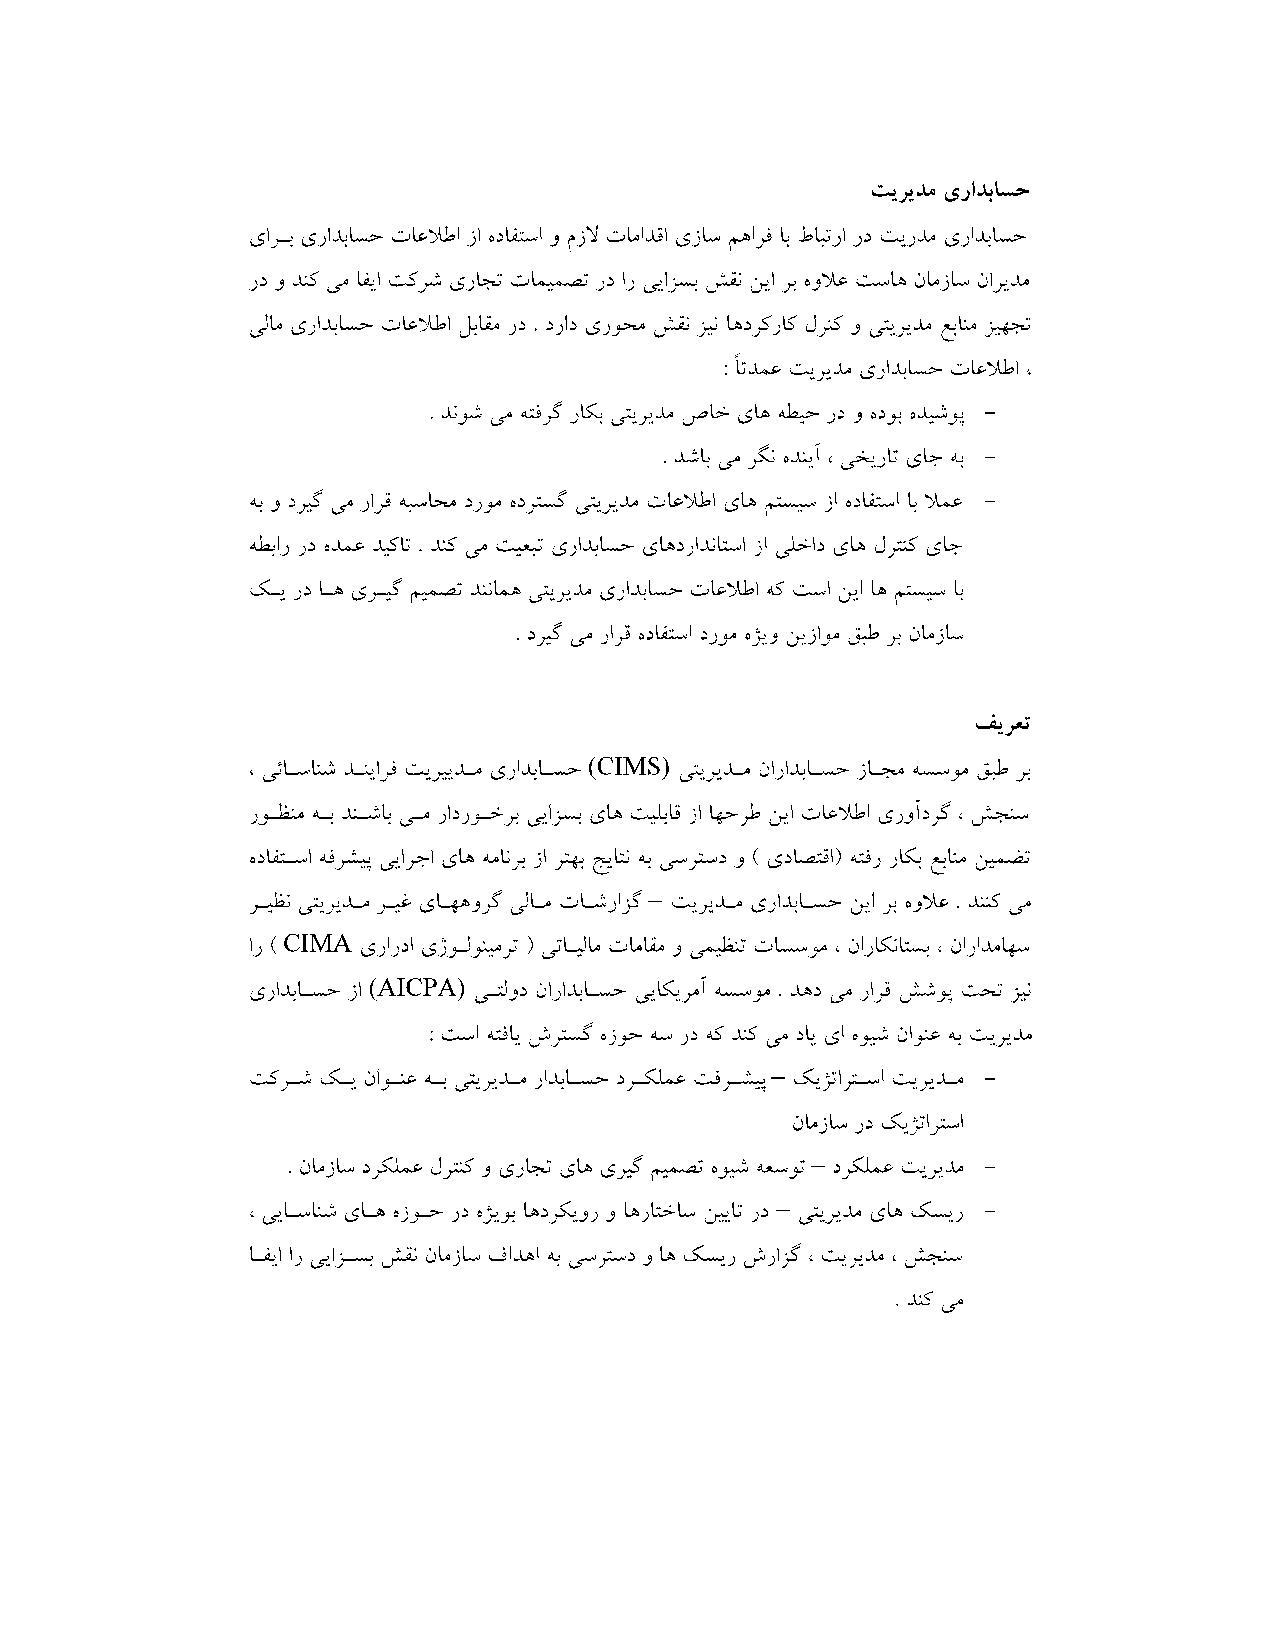 ترجمه مقاله و تحقیق - حسابداری مدیریت7